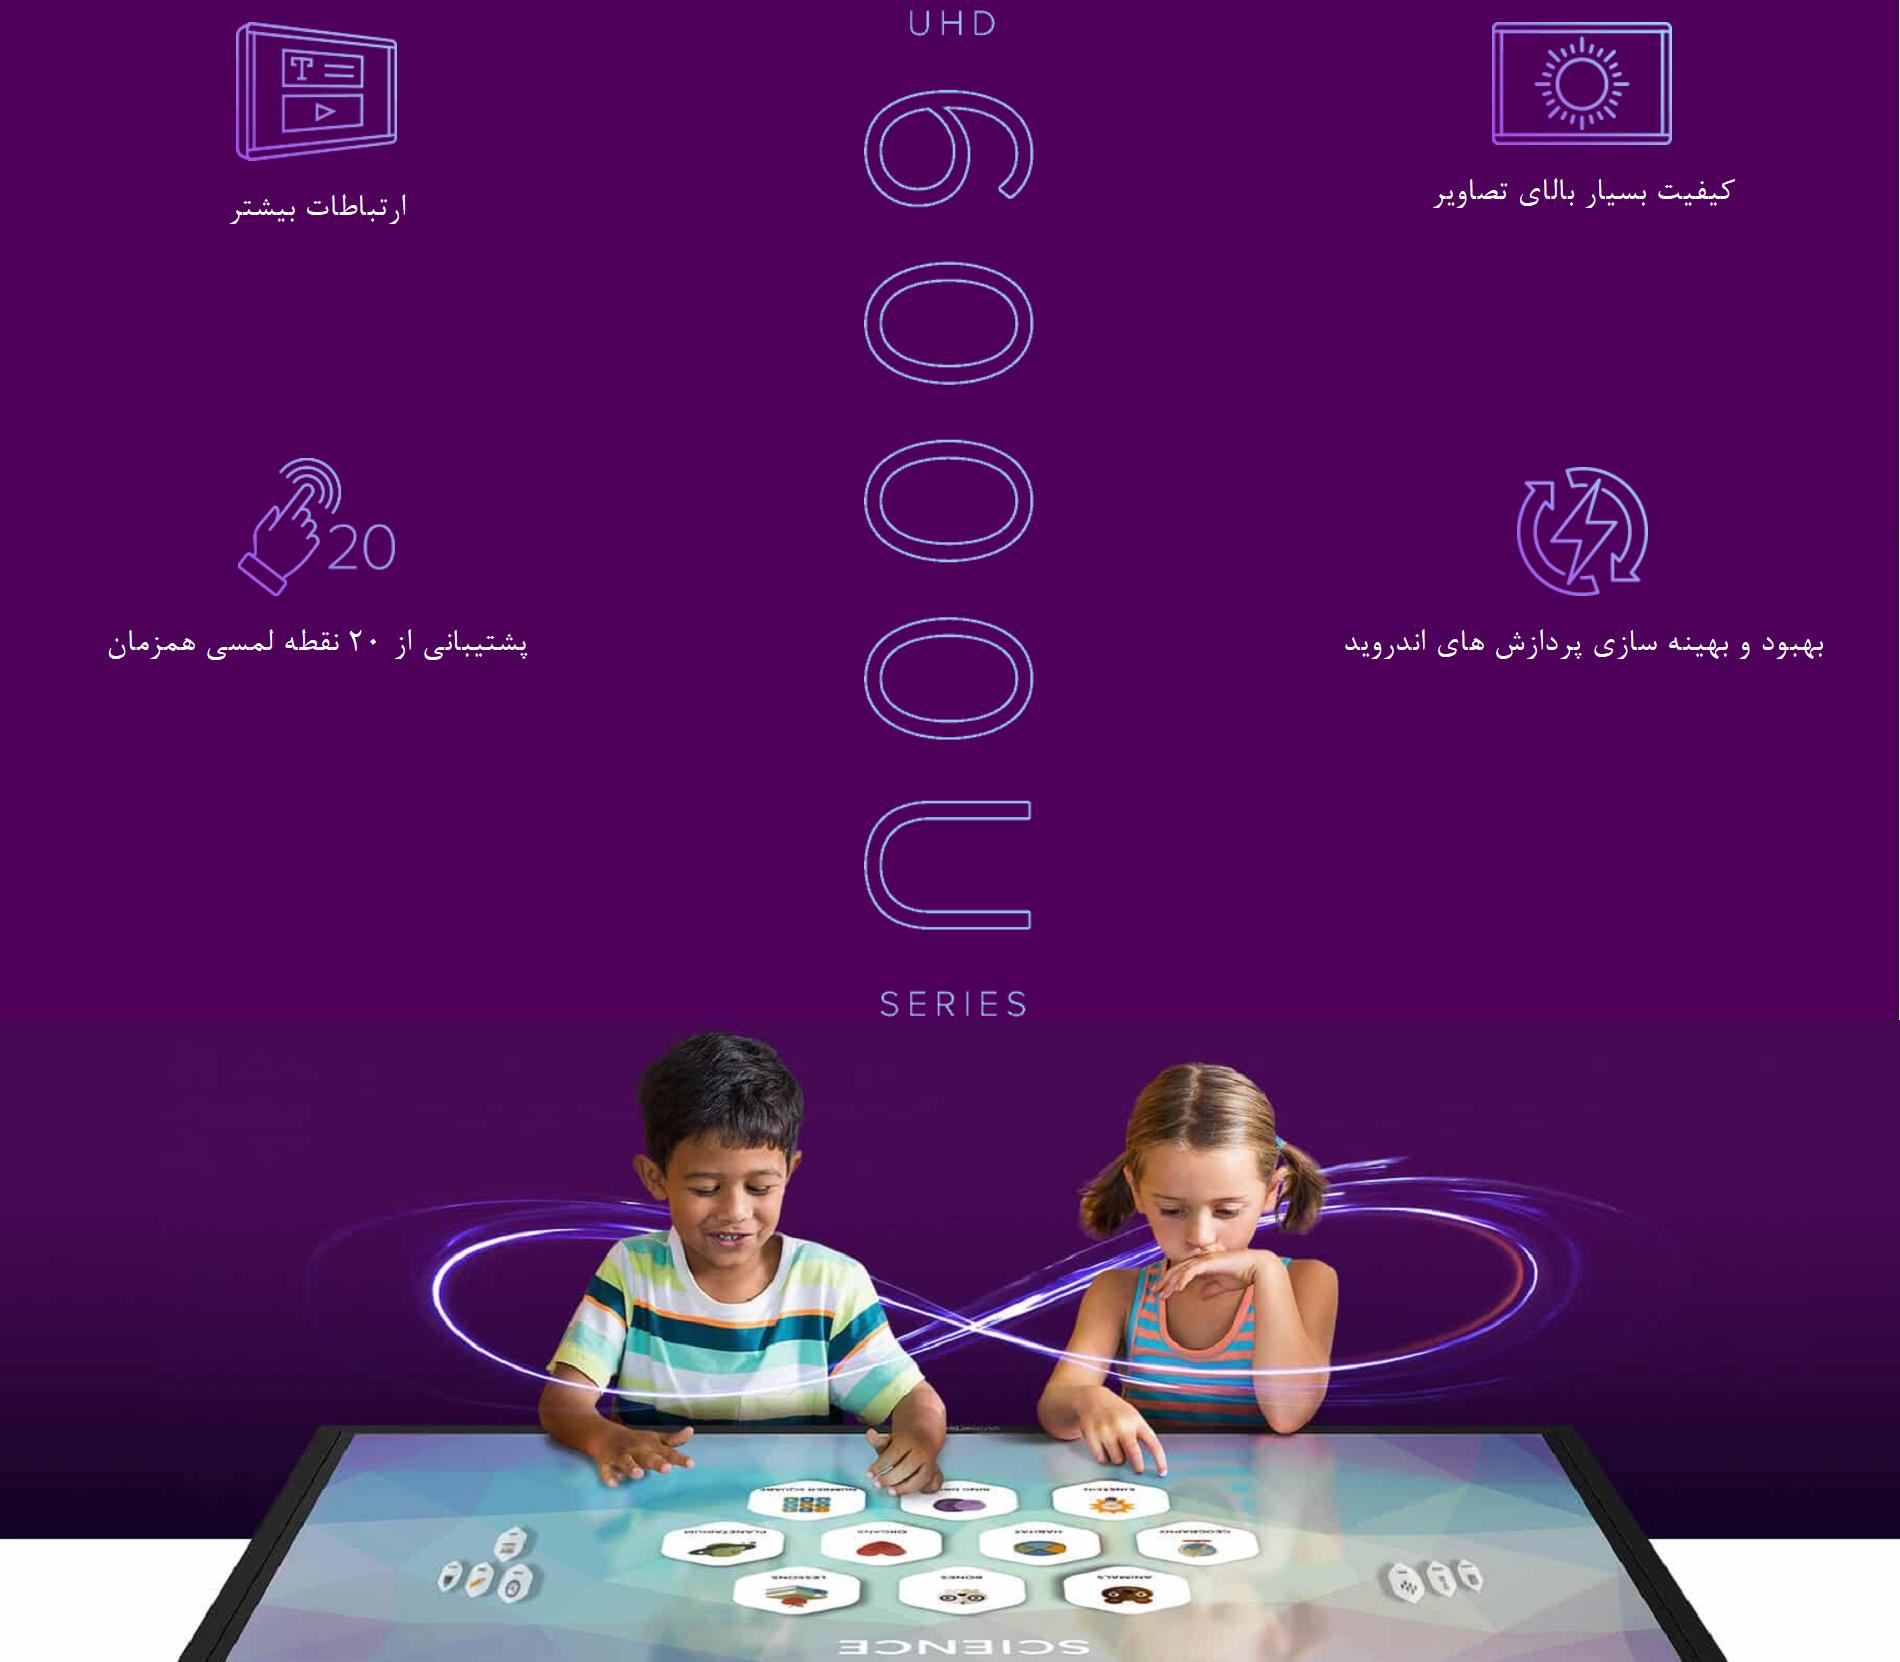 امکان بازی کودکان با نمایشگر های لمسی سی تاچ